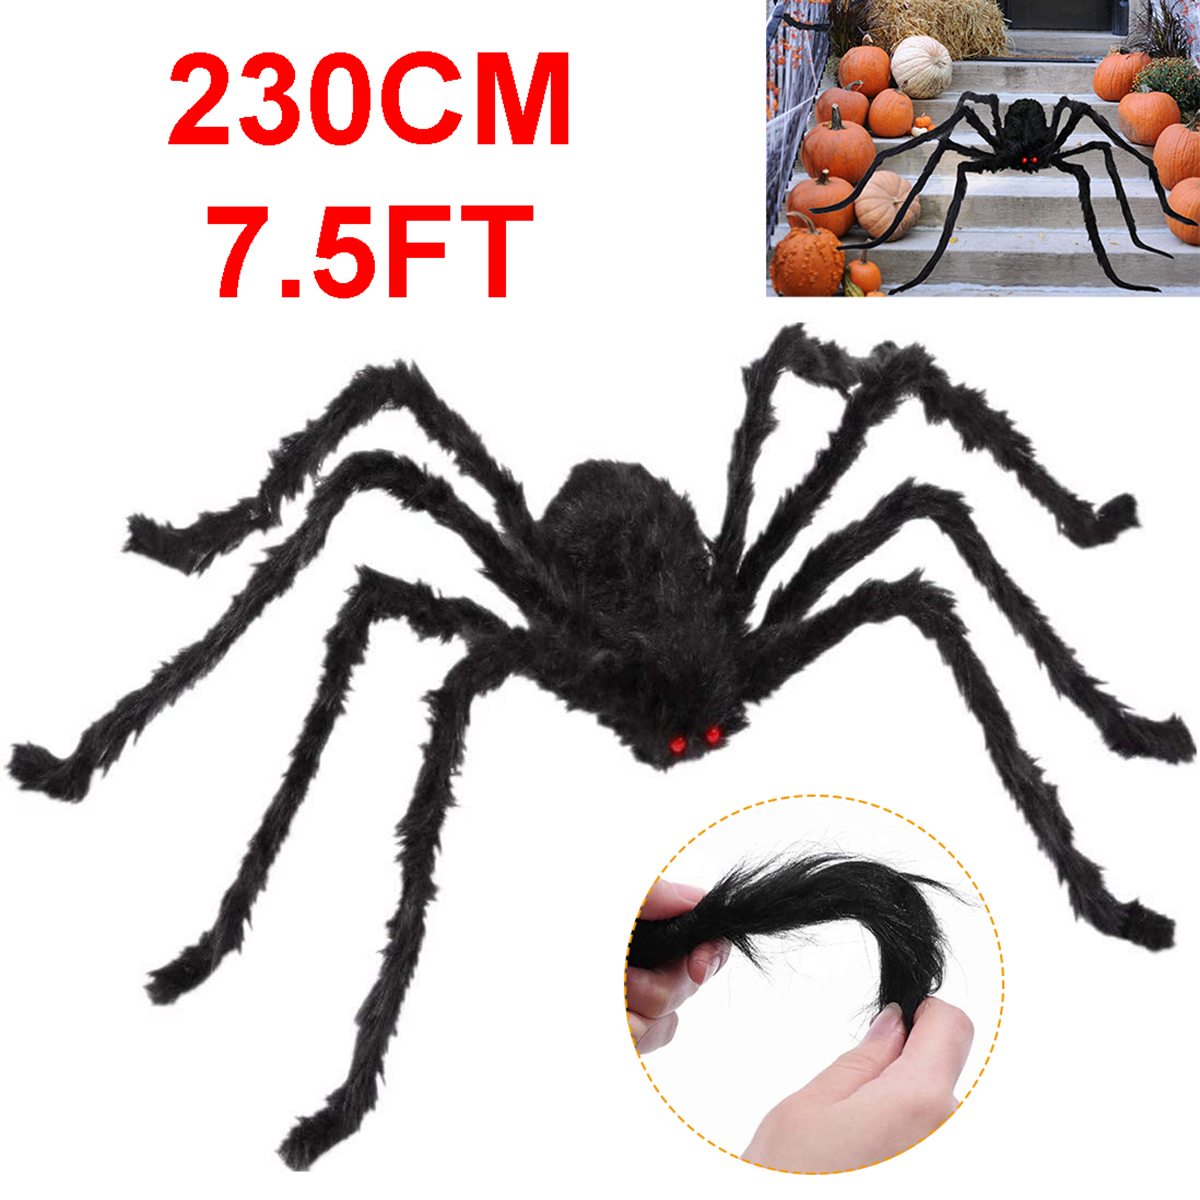 Какой самый большой паук в мире, самый ядовитый, опасный и страшный?